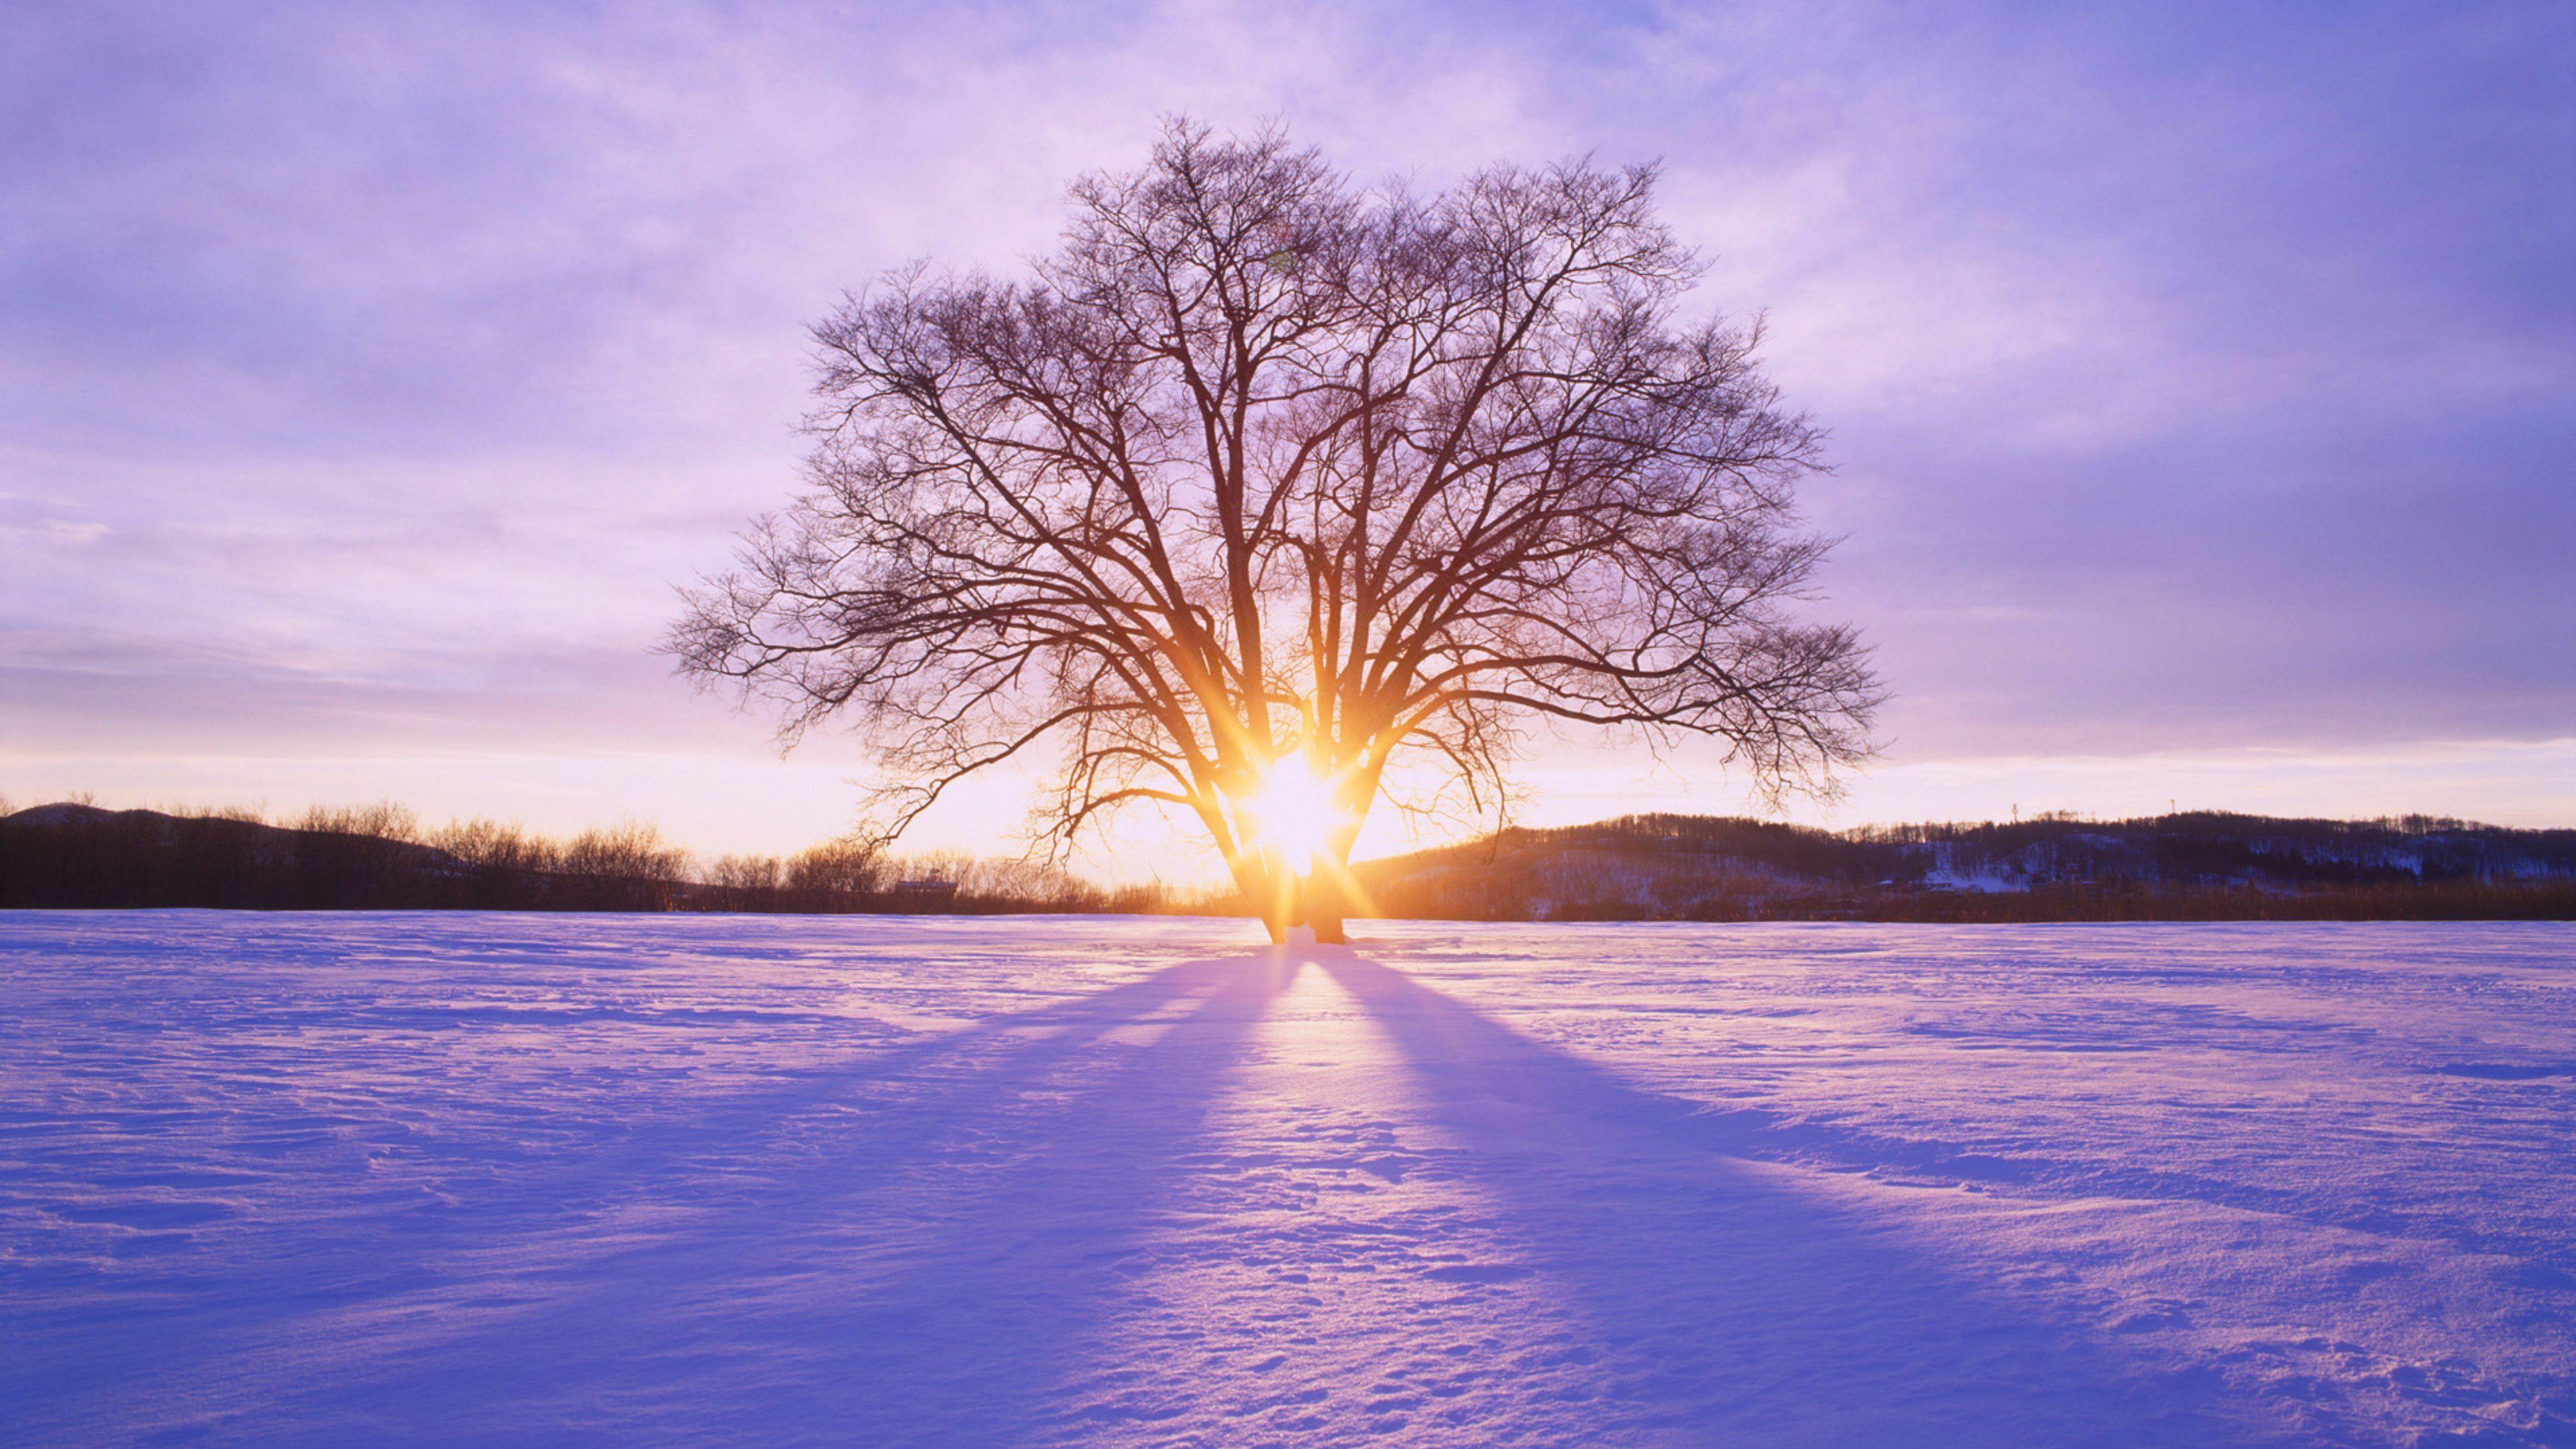 Winter Sunset S 4k Wallpaper